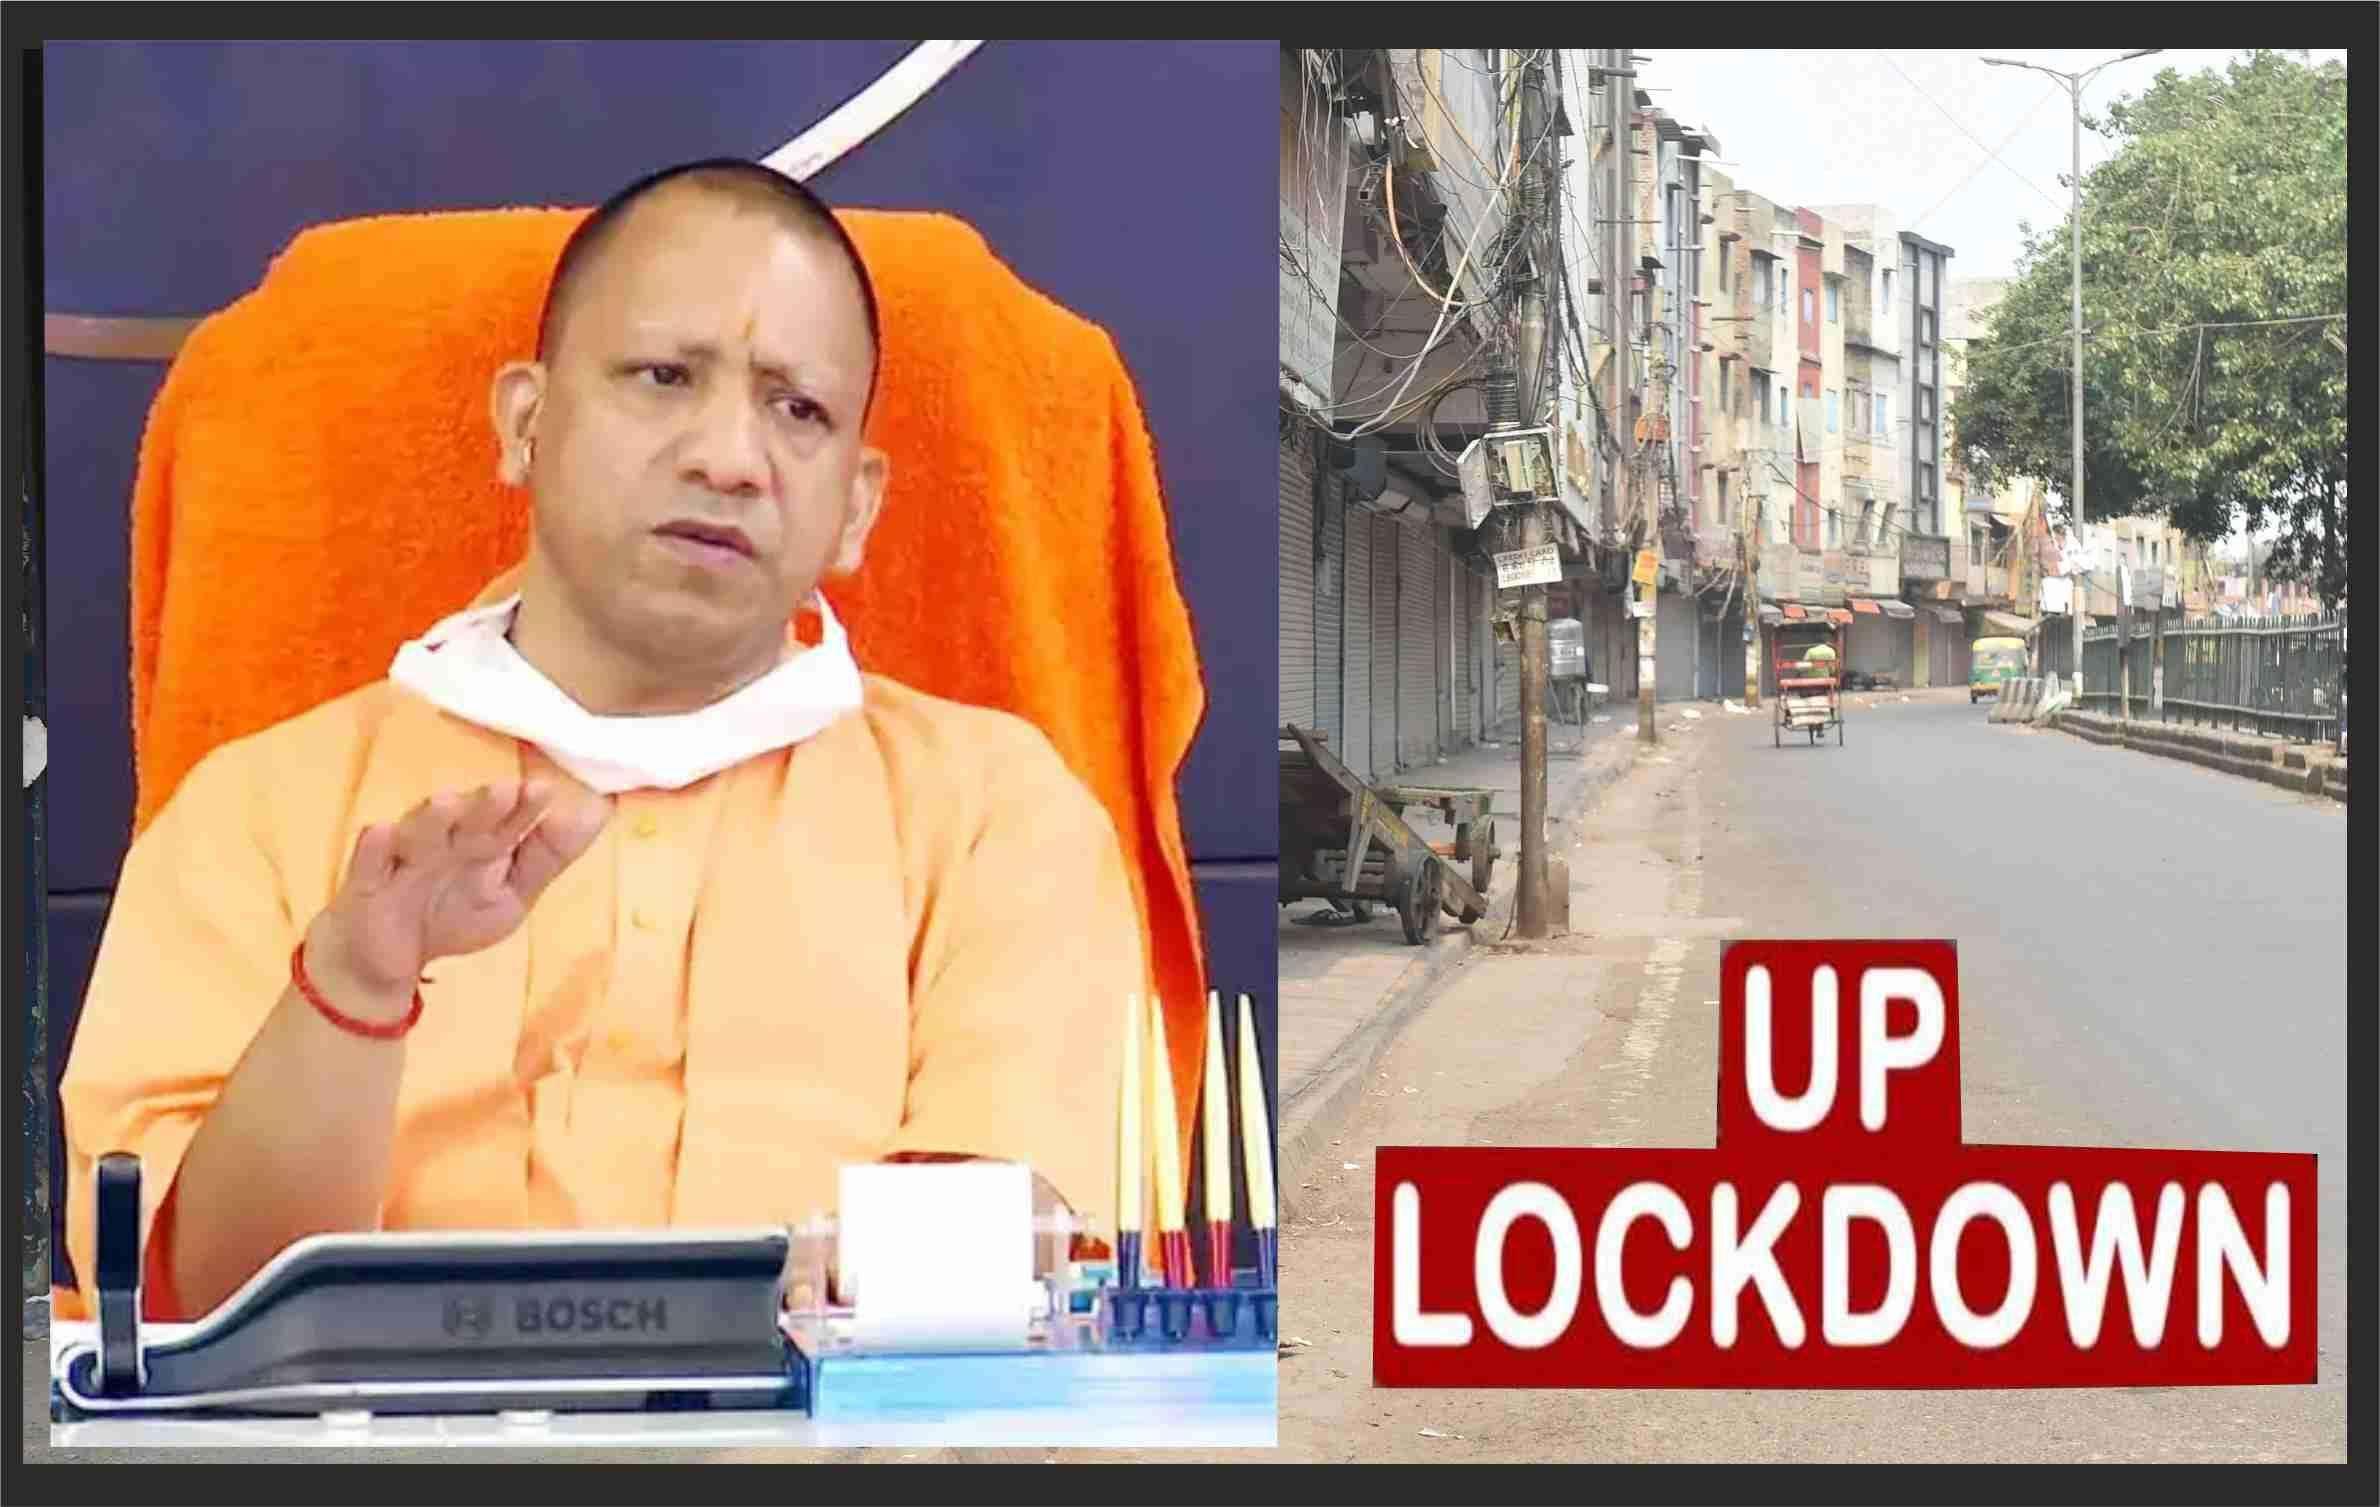 UP Unlock Start : 55 जिलों में नाइट कर्फ्यू और वीकेंड Lockdown, राजधानी समेत 20 जिलों में जारी रहेगा कोरोना कर्फ्यू